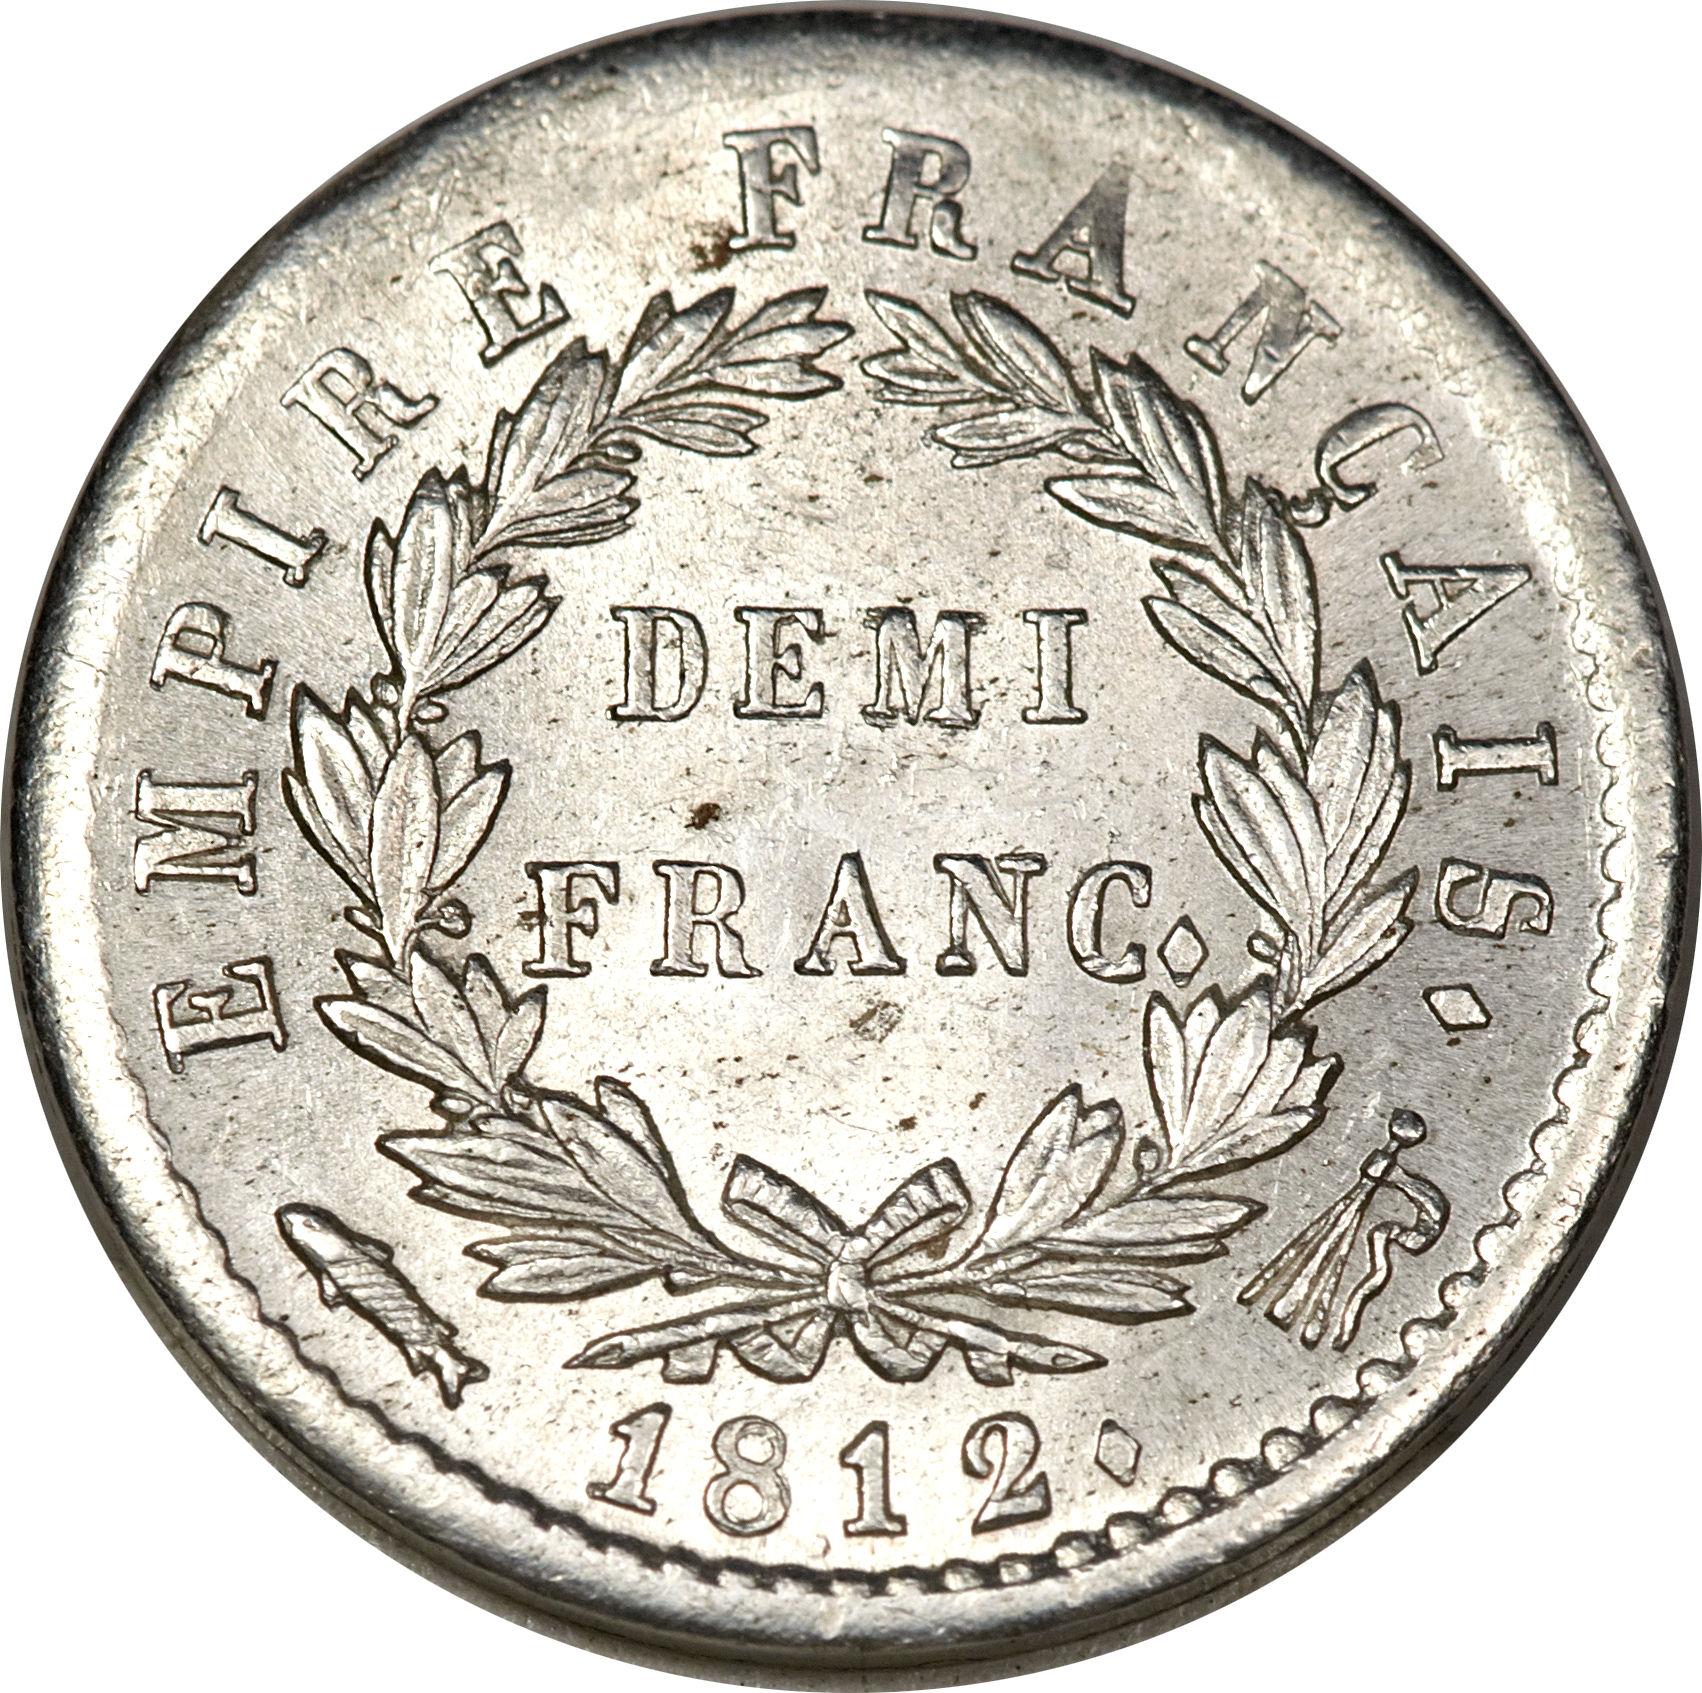 Franc napoleon i france numista for France francs